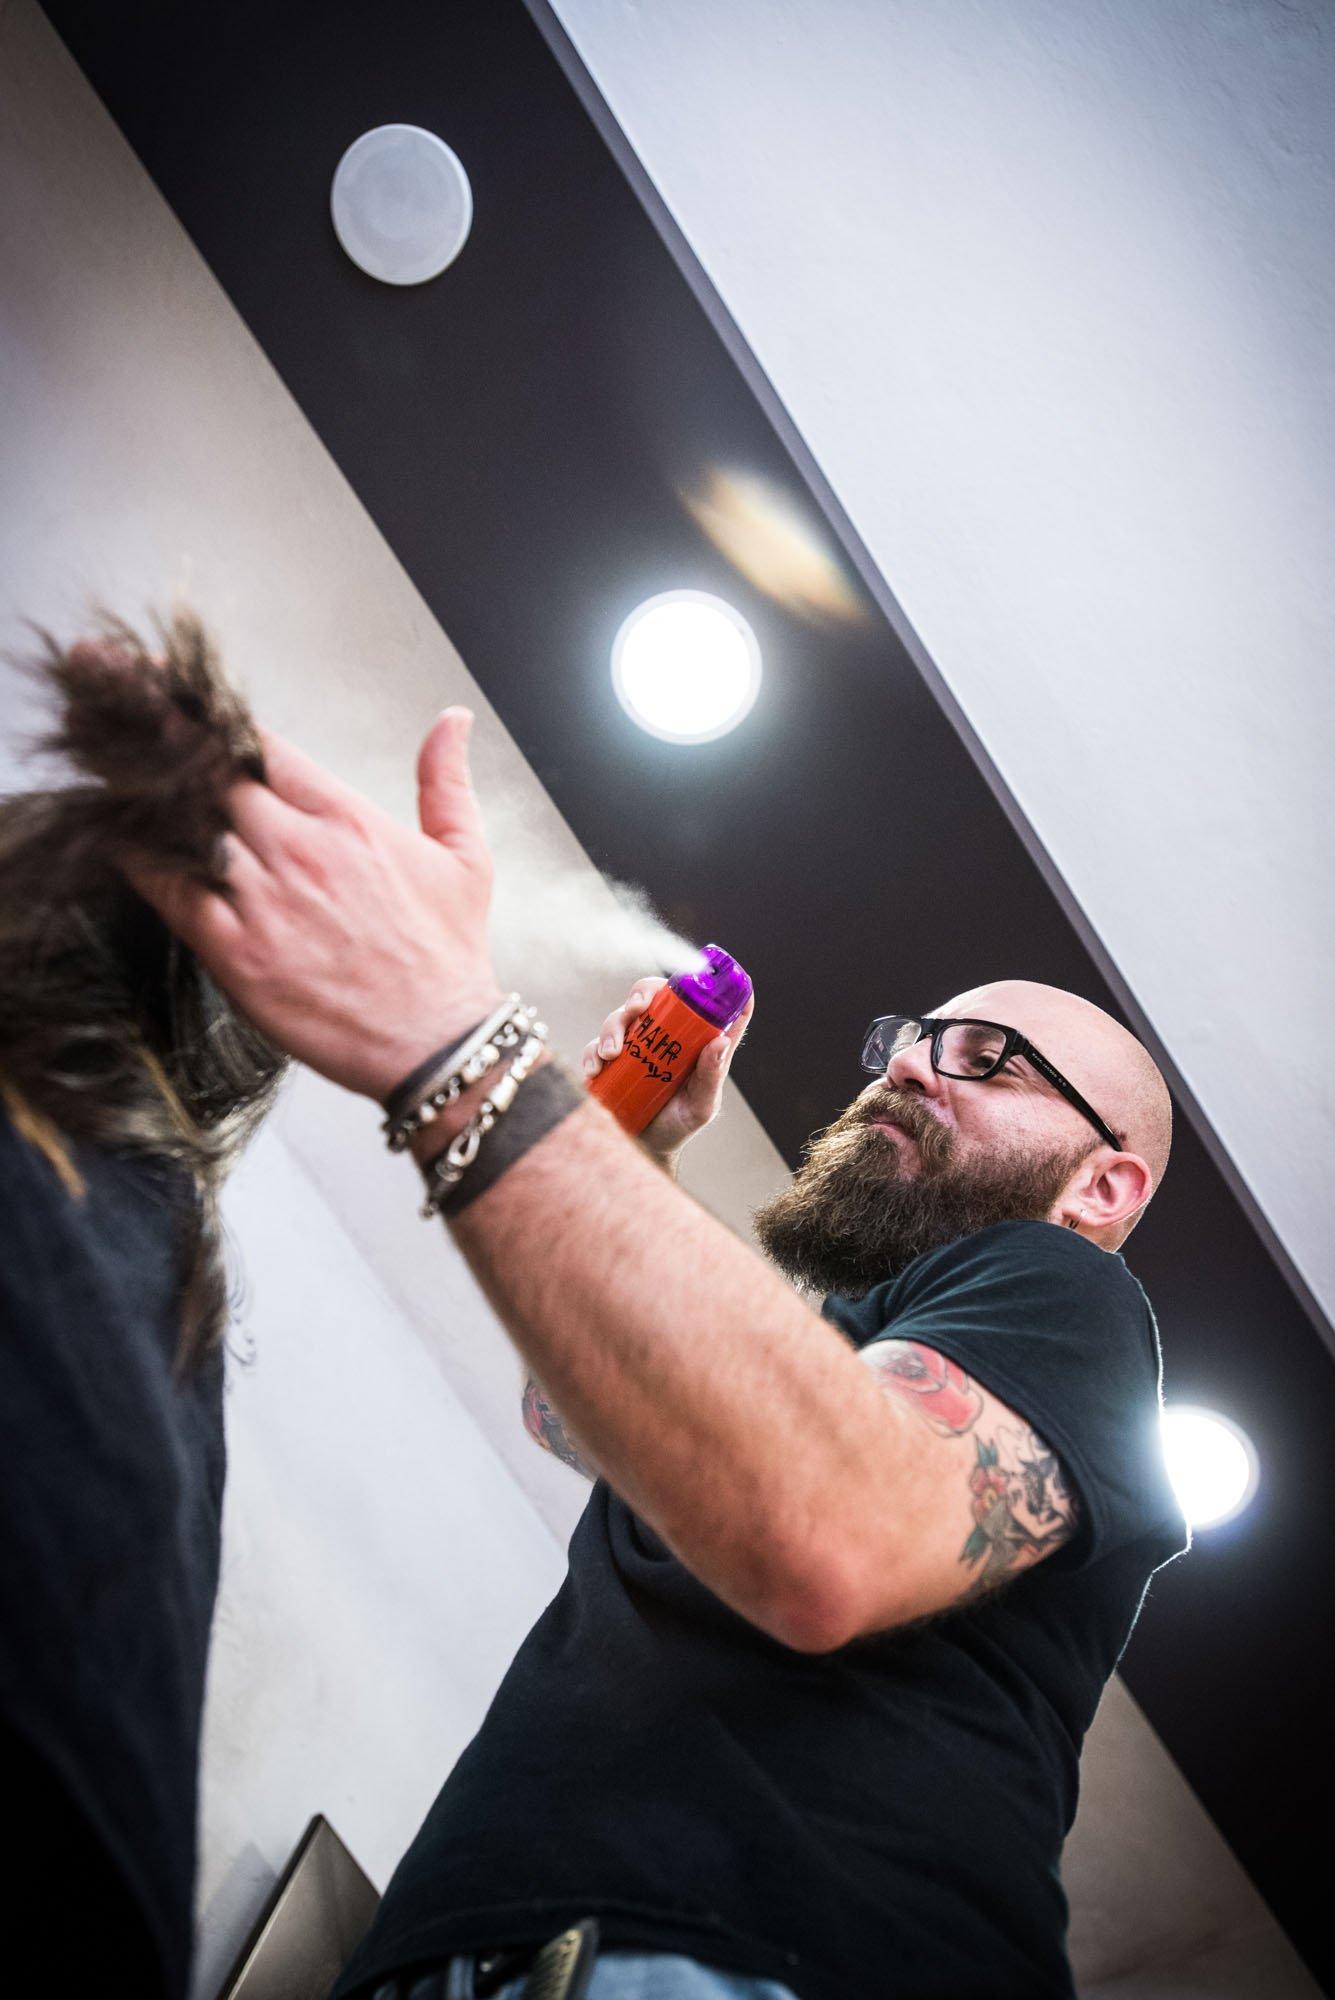 parrucchiere da la lacca nei capelli di una cliente